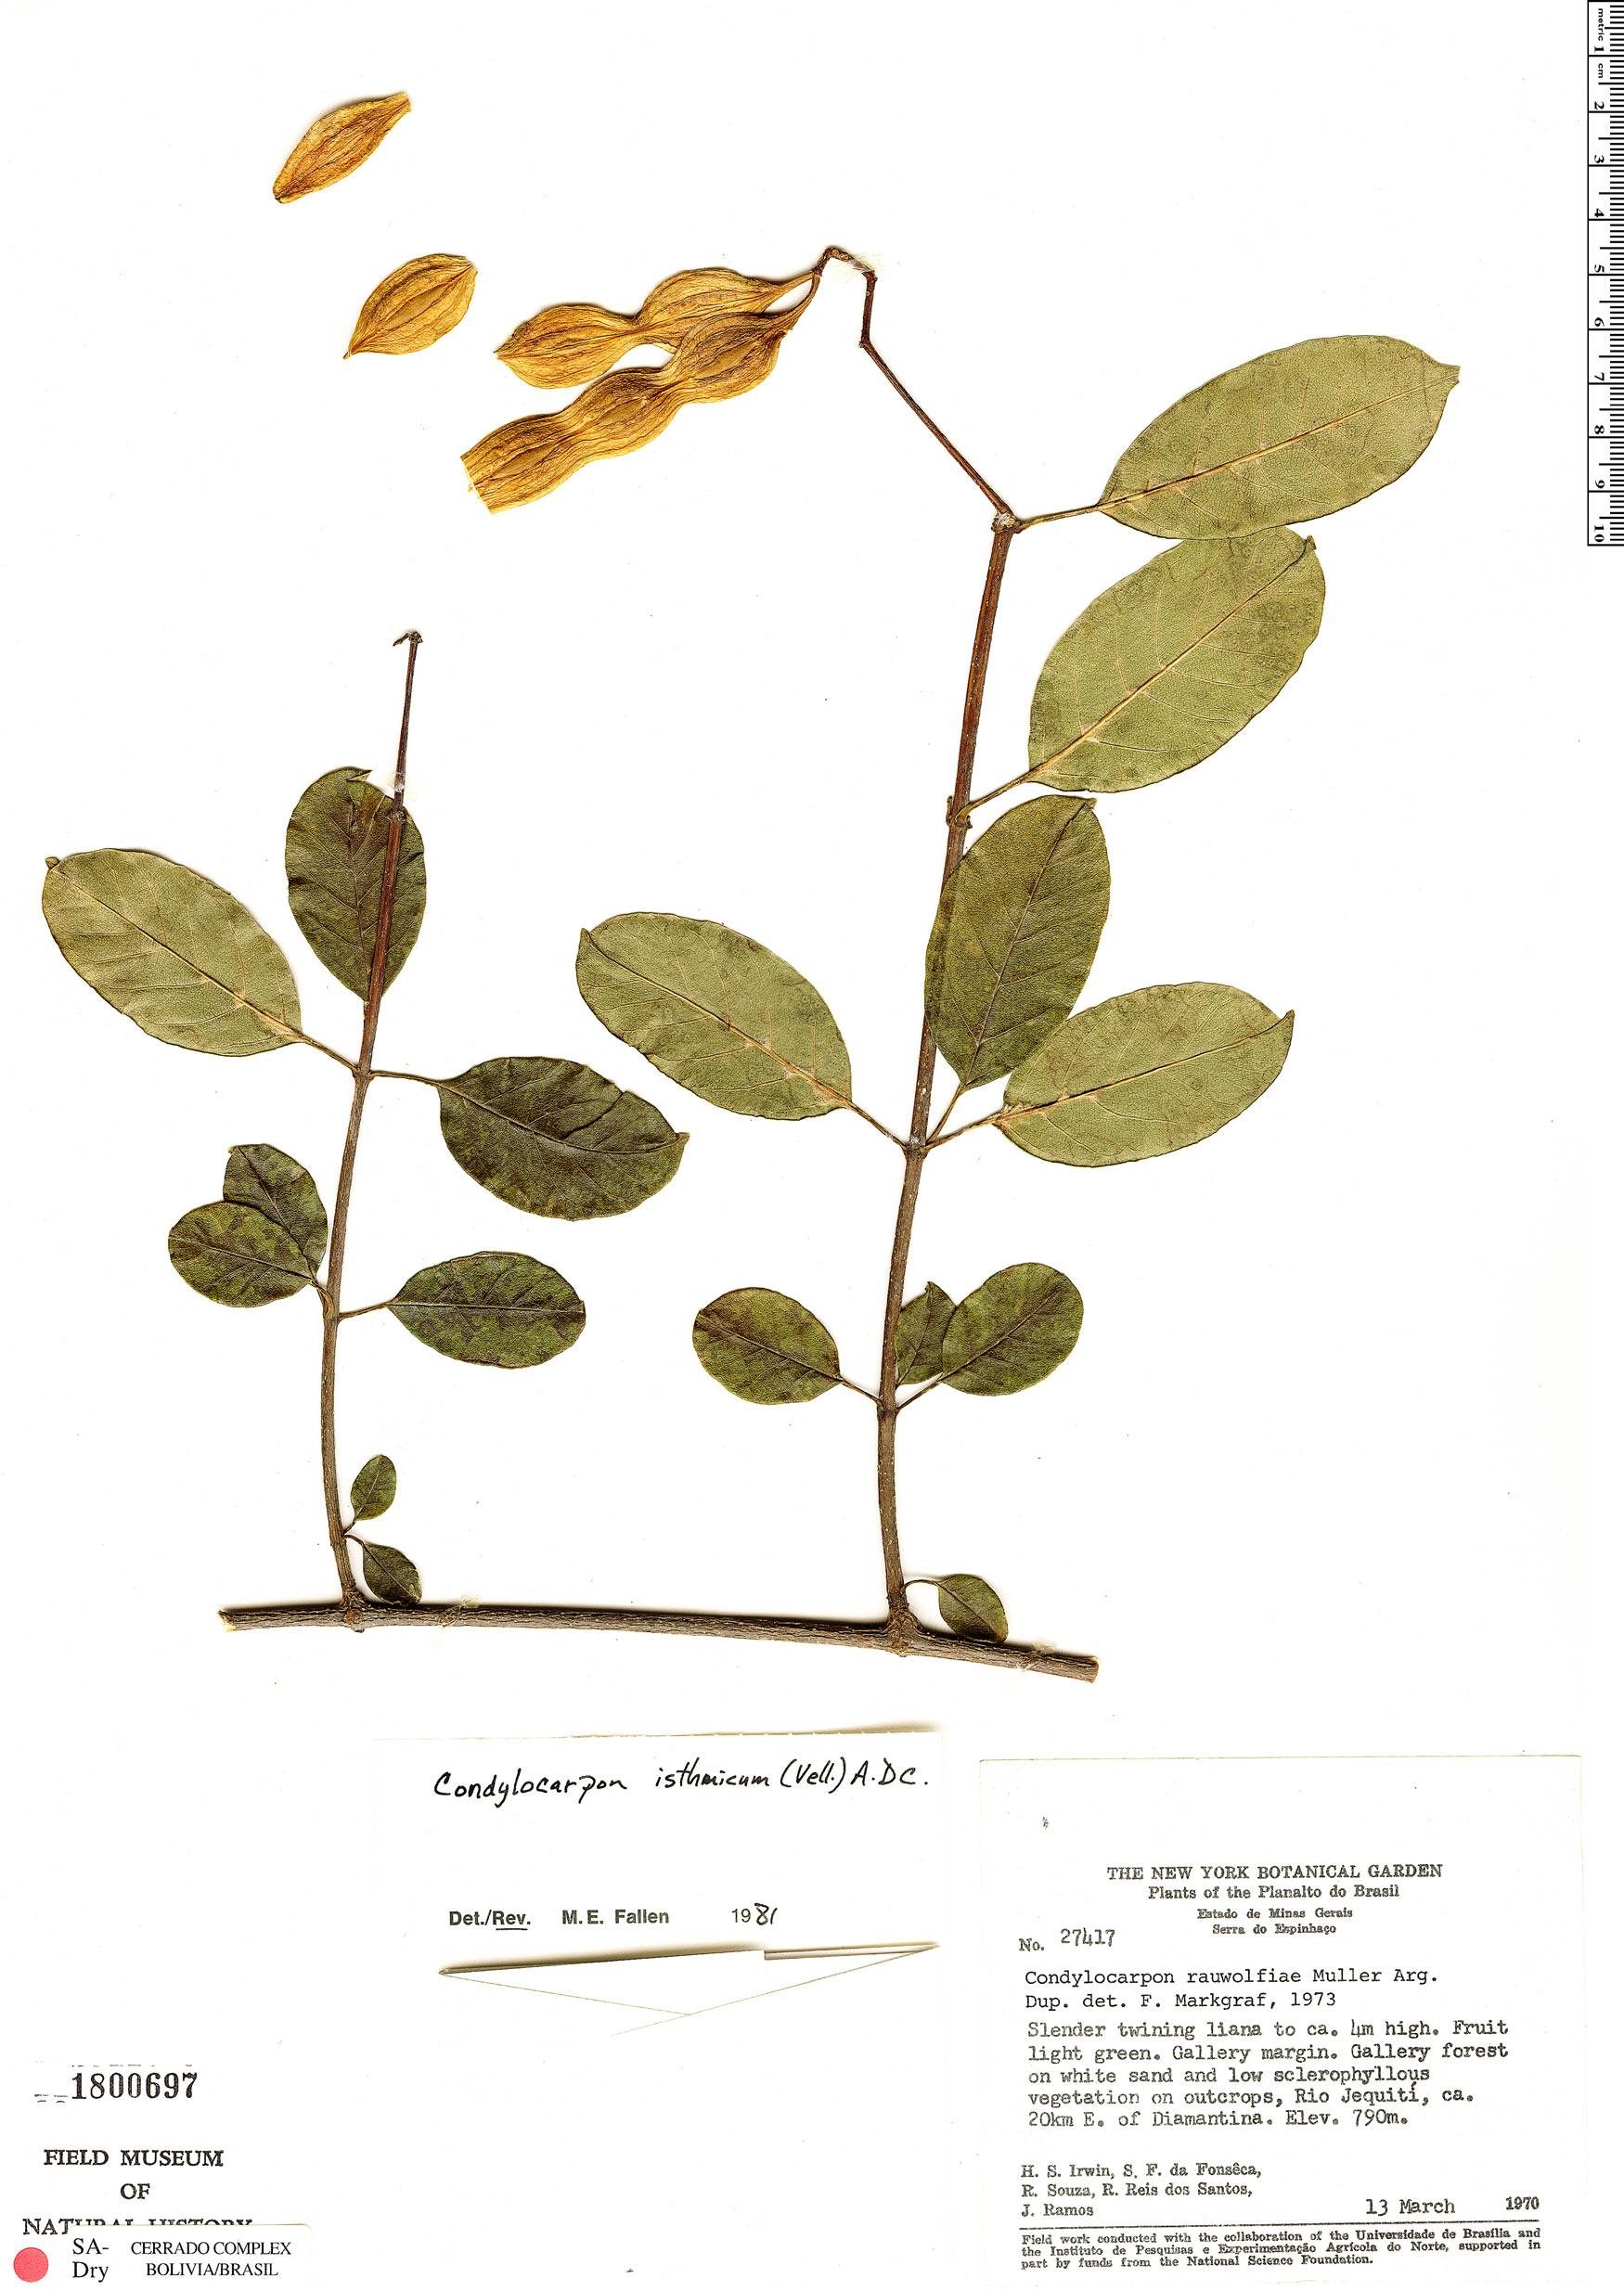 Specimen: Condylocarpon isthmicum